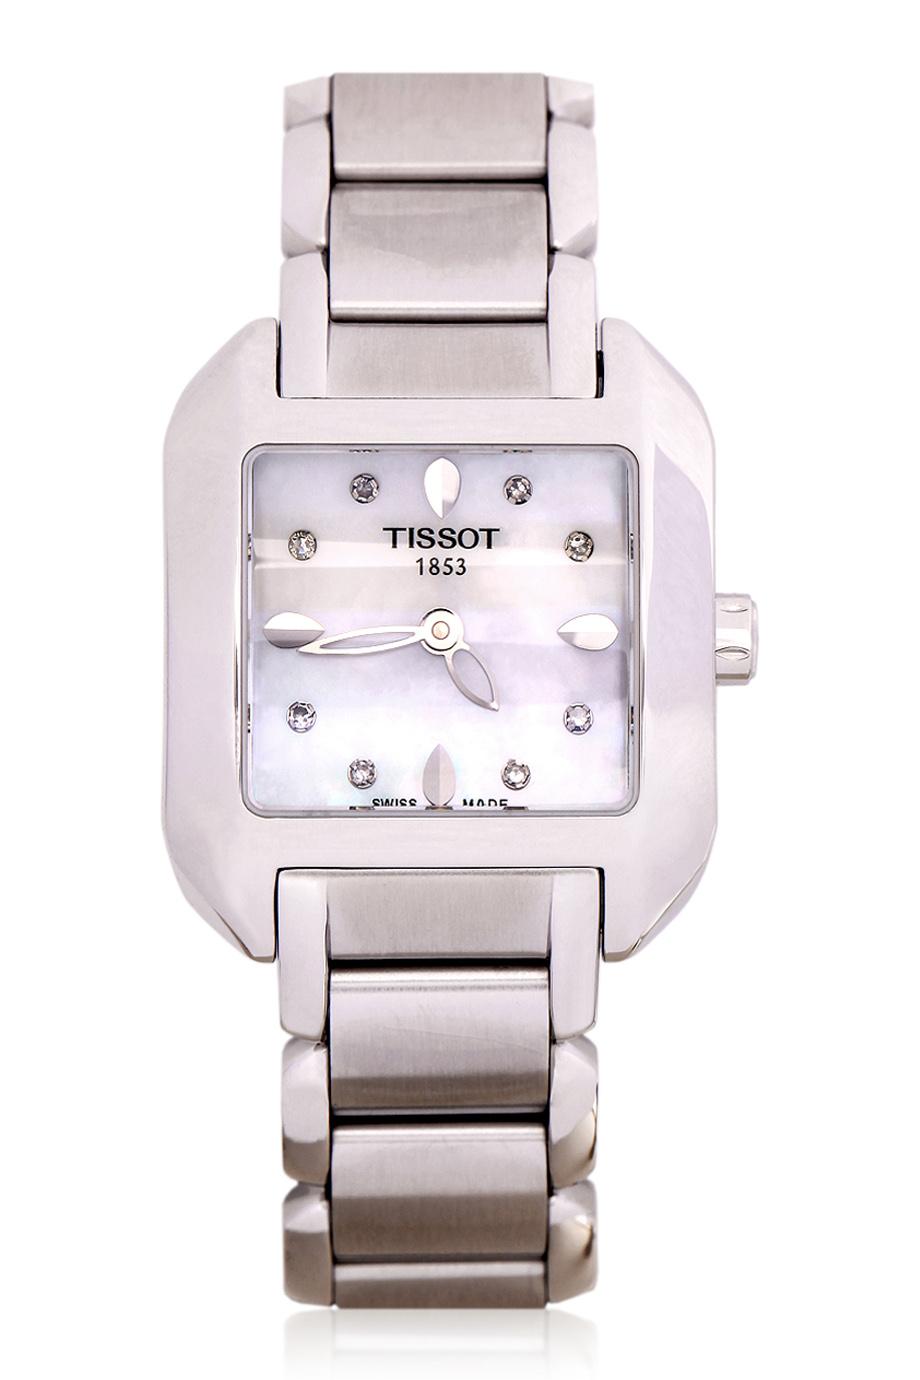 美国买天梭手表便宜吗?美国跟中国市场相比哪个更便宜?